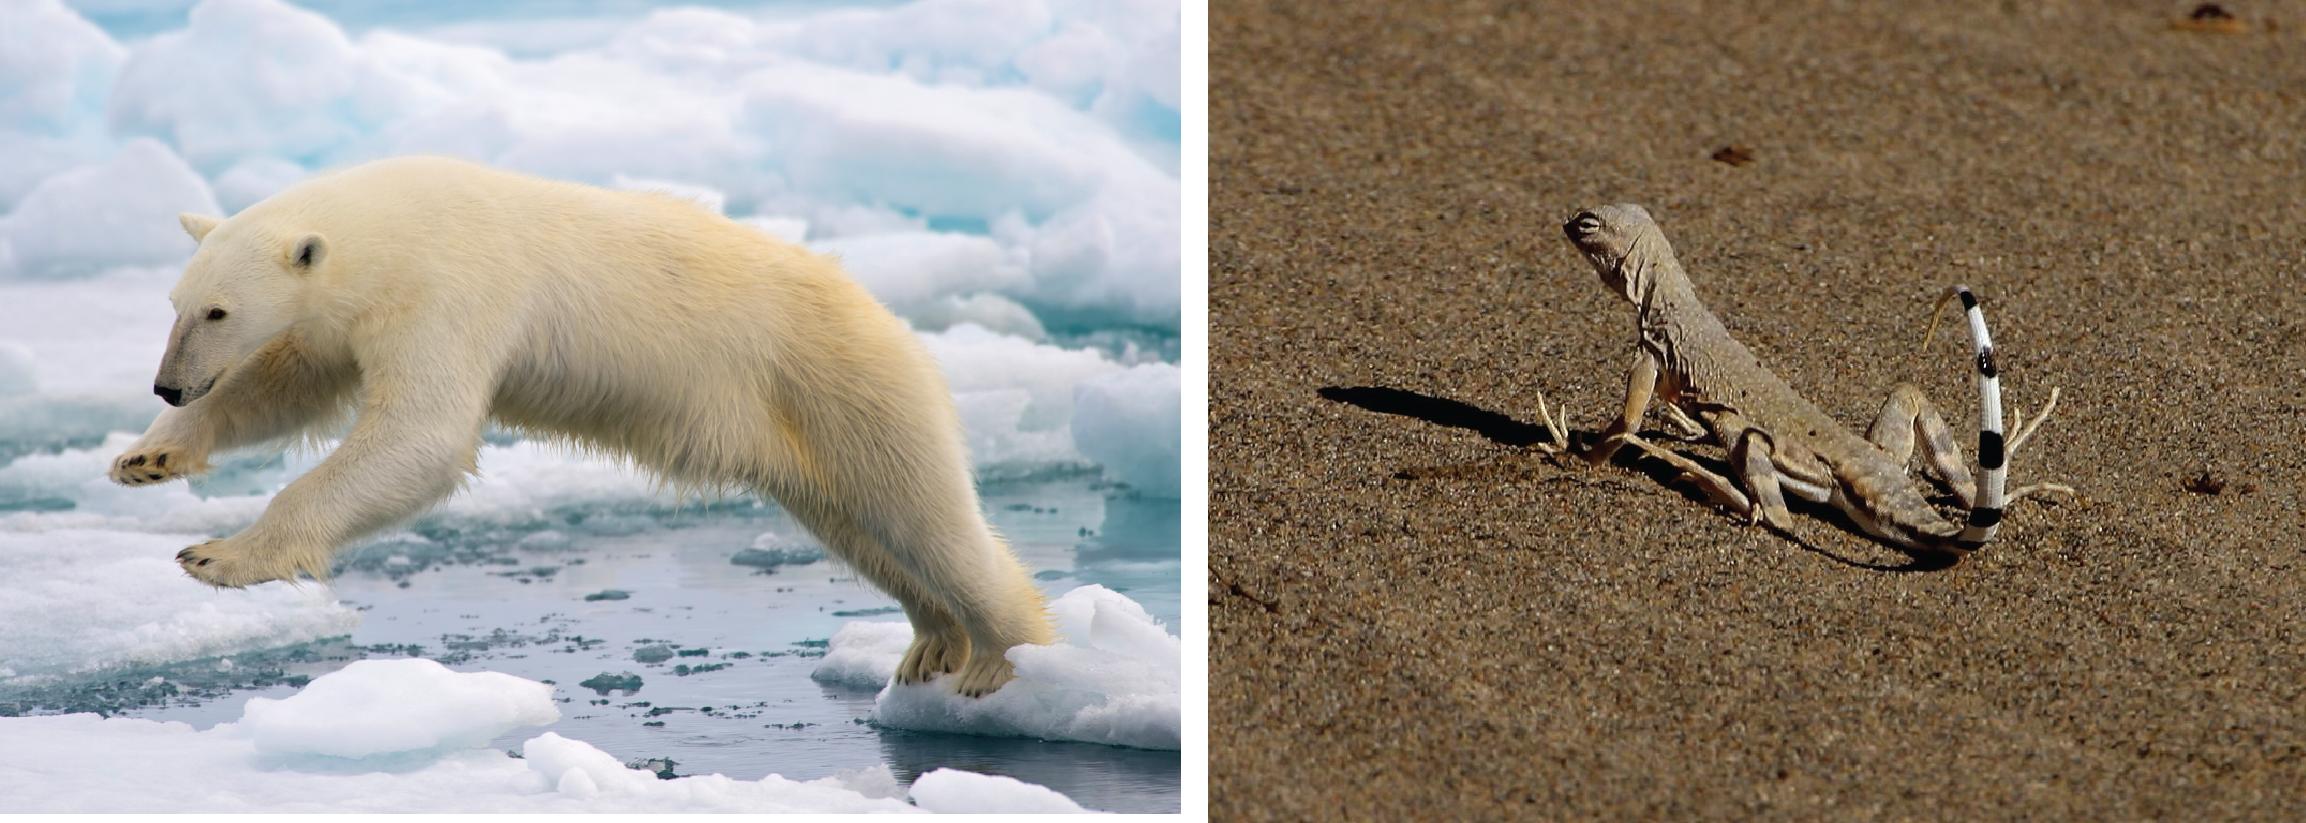 Esquerda, urso polar pulando entre campos de gelo. Direita, lagarto em Death Valley.